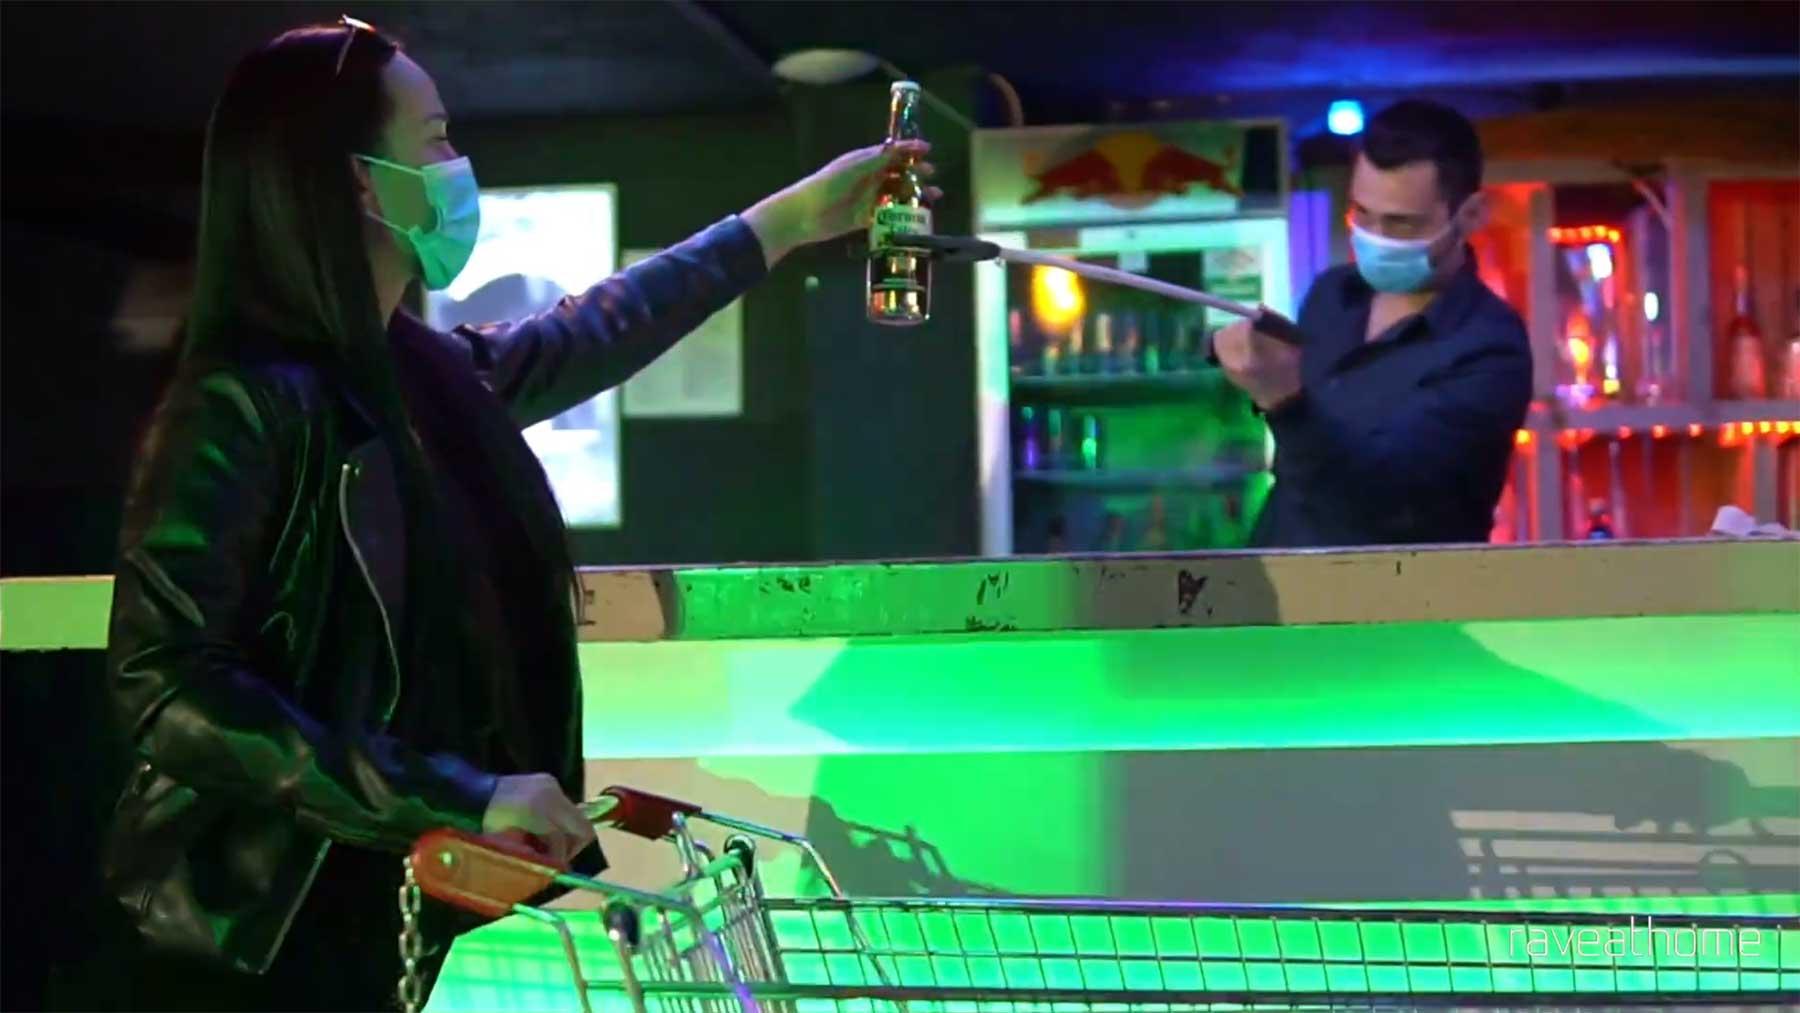 Coronavirus-Regel: Nur noch mit Einkaufswagen in den Club! coronavirus-mit-einkaufswagen-in-den-club